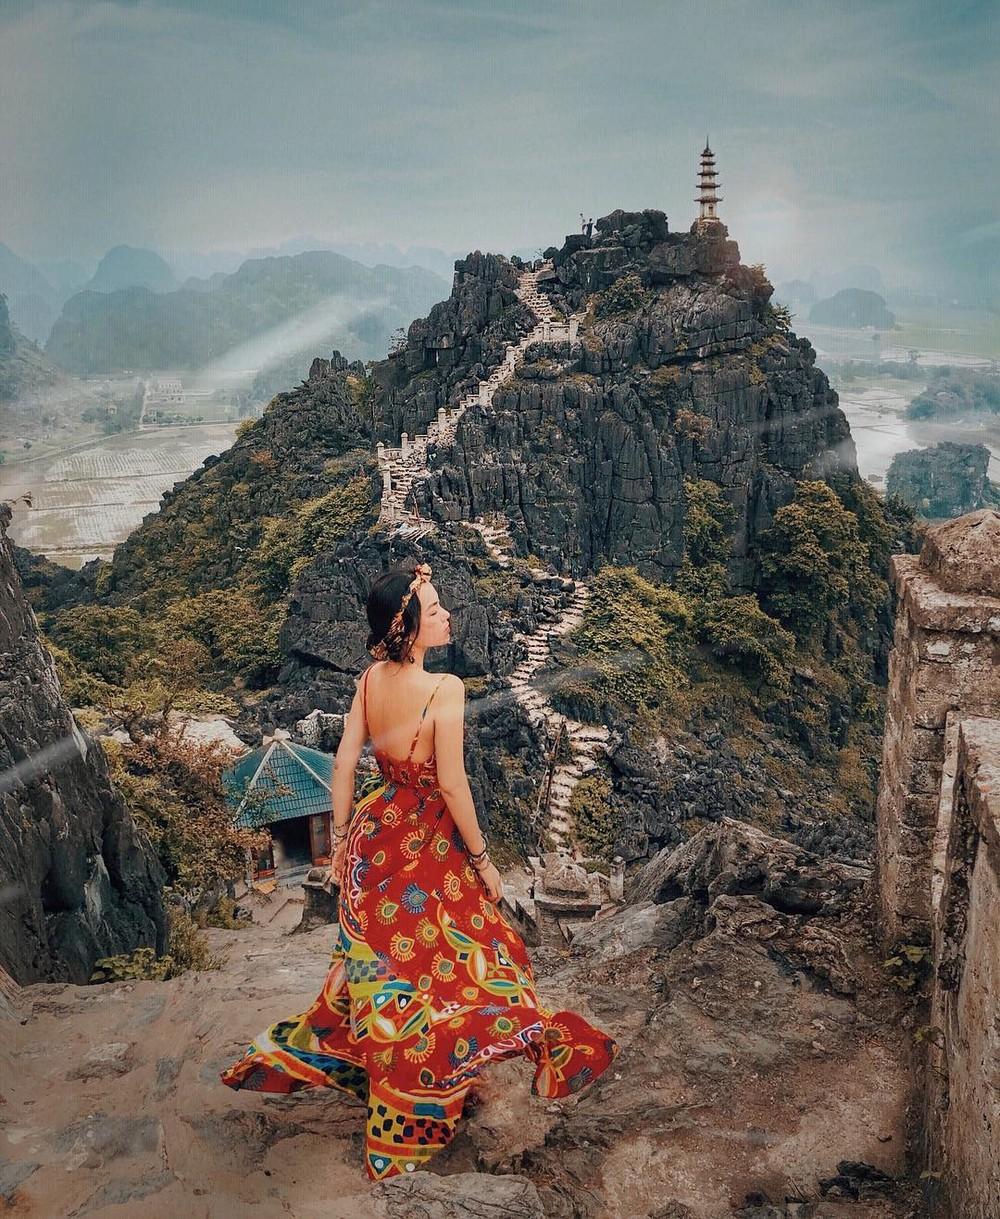 Tọa độ check-in hot nhất ở Ninh Bình: Hùng vĩ và ảo diệu không thua gì cảnh phim cổ trang - Ảnh 4.